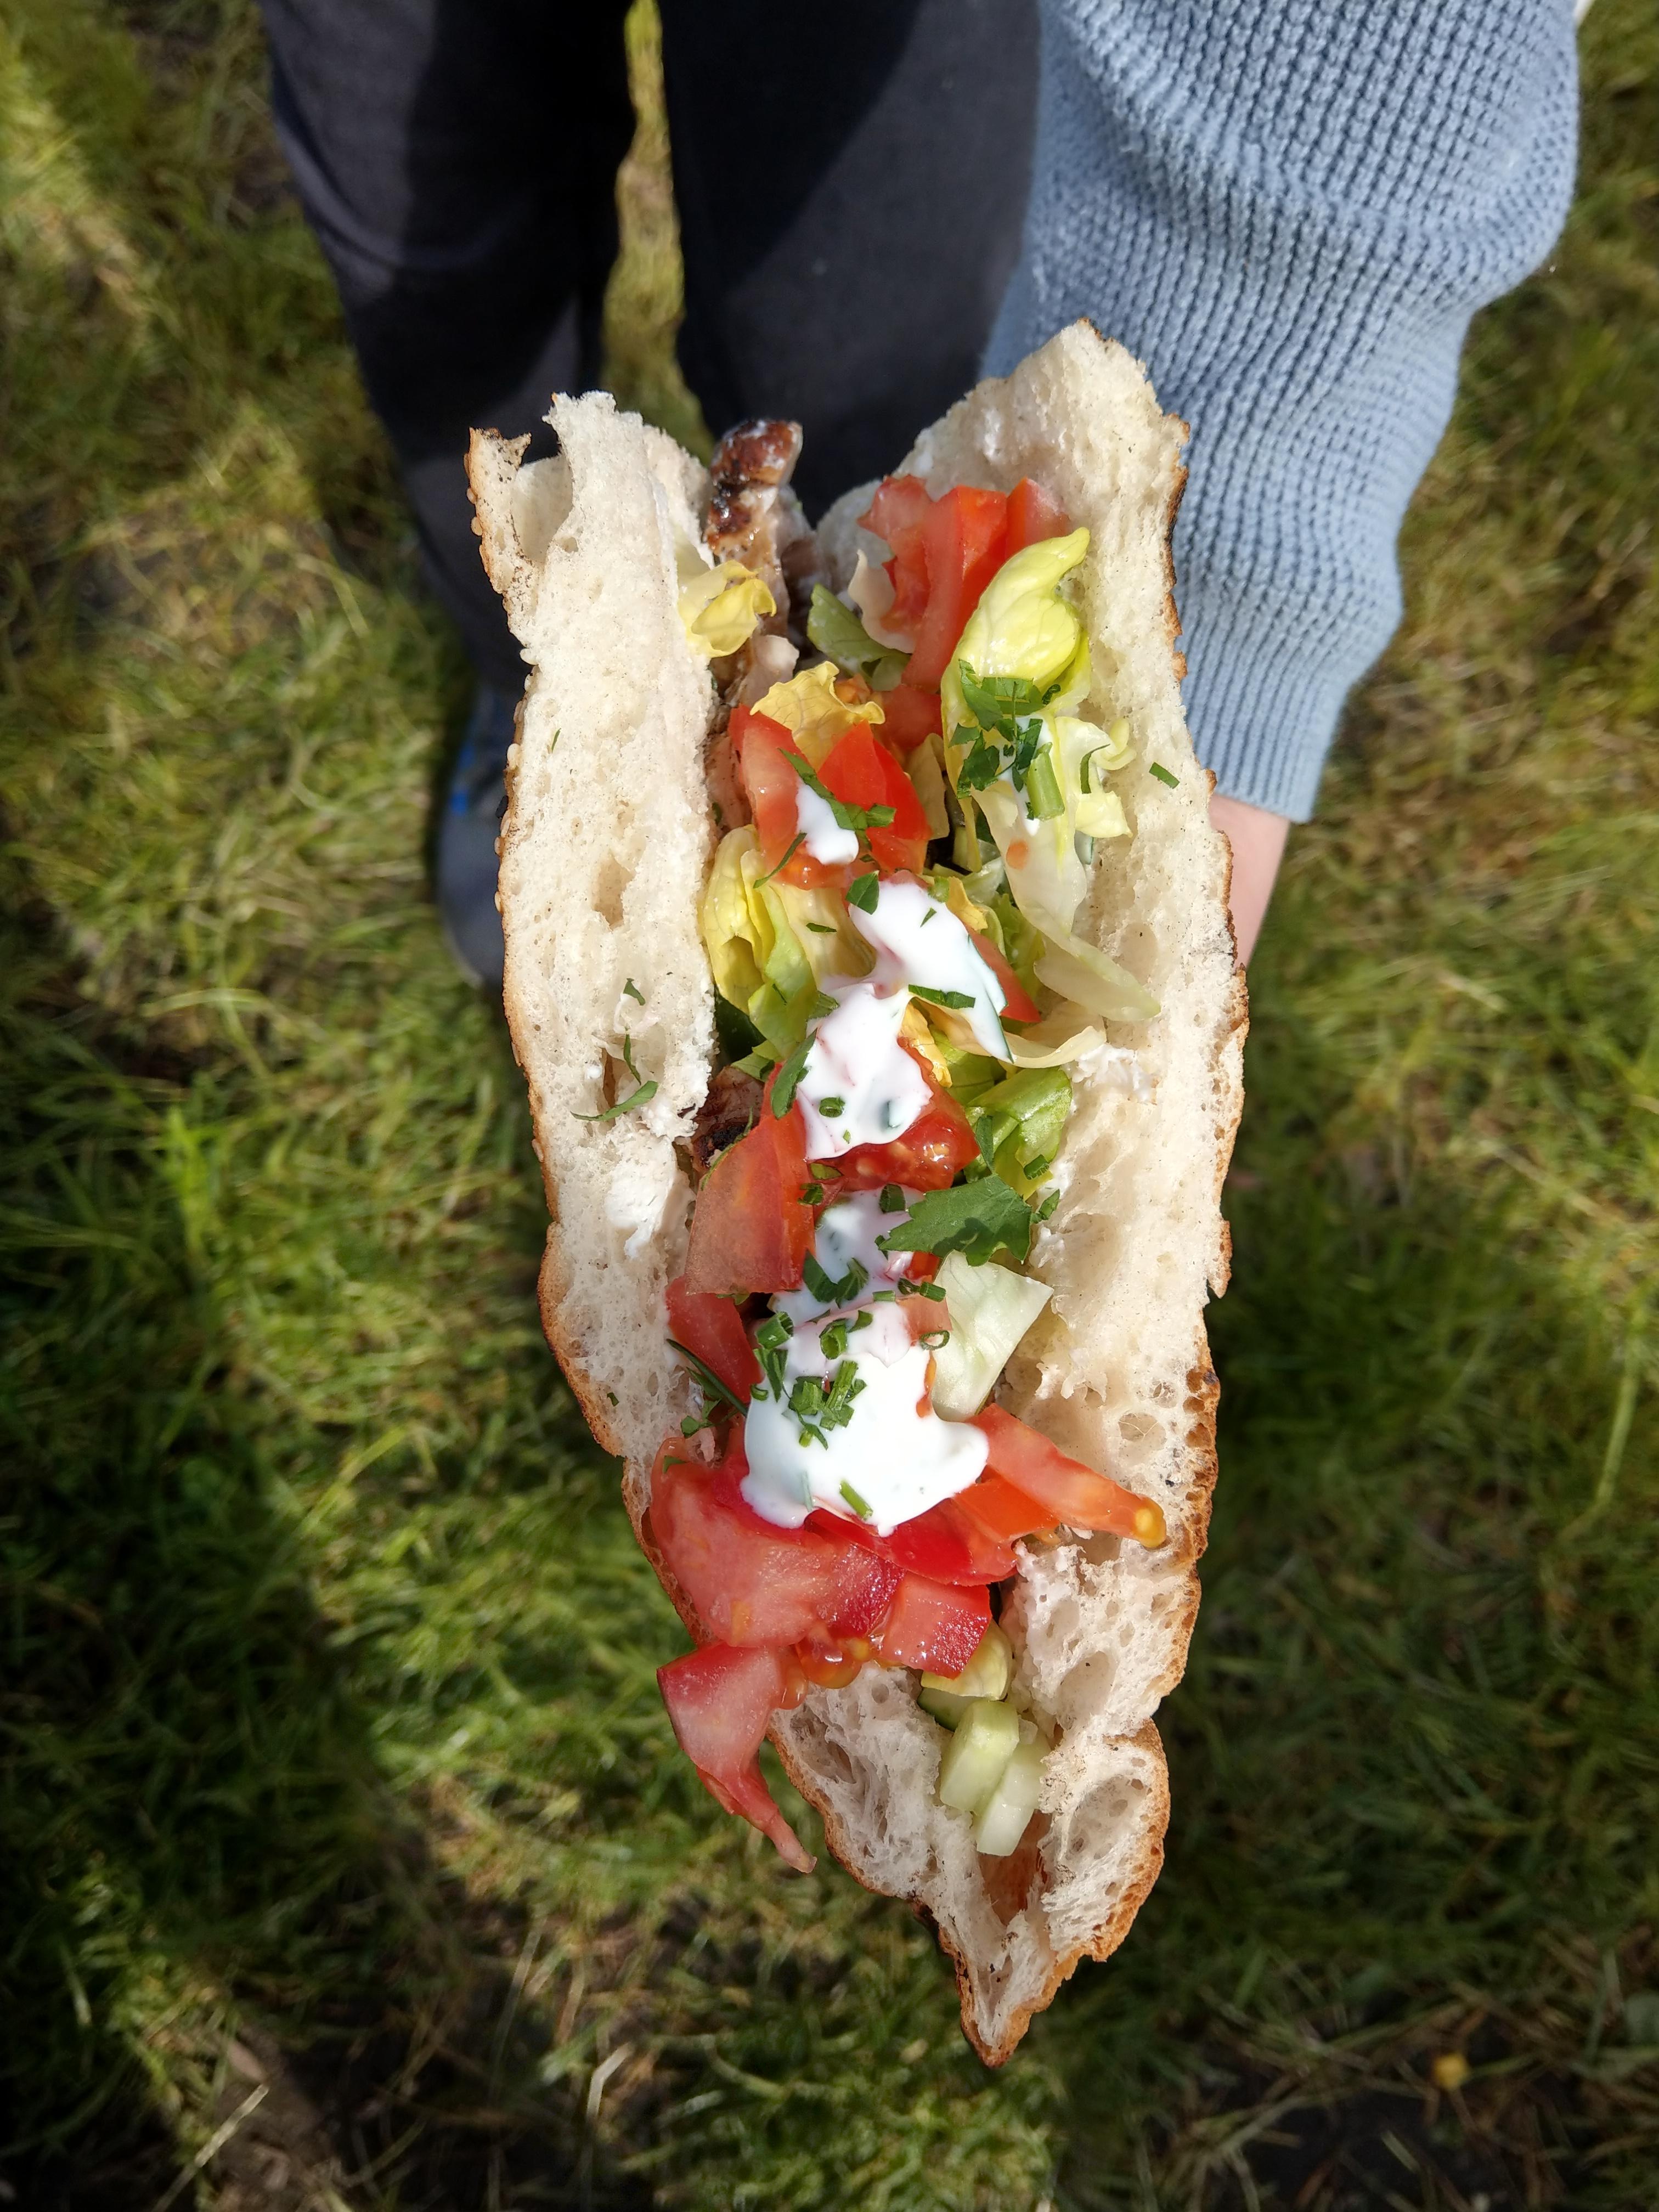 Eine Hand hält einen Döner ins Bild. Dieser ist von oben fotografiert, man sieht das offene Fladenbrot, Salat, Tomaten, weiße Sauce und Kräuter.